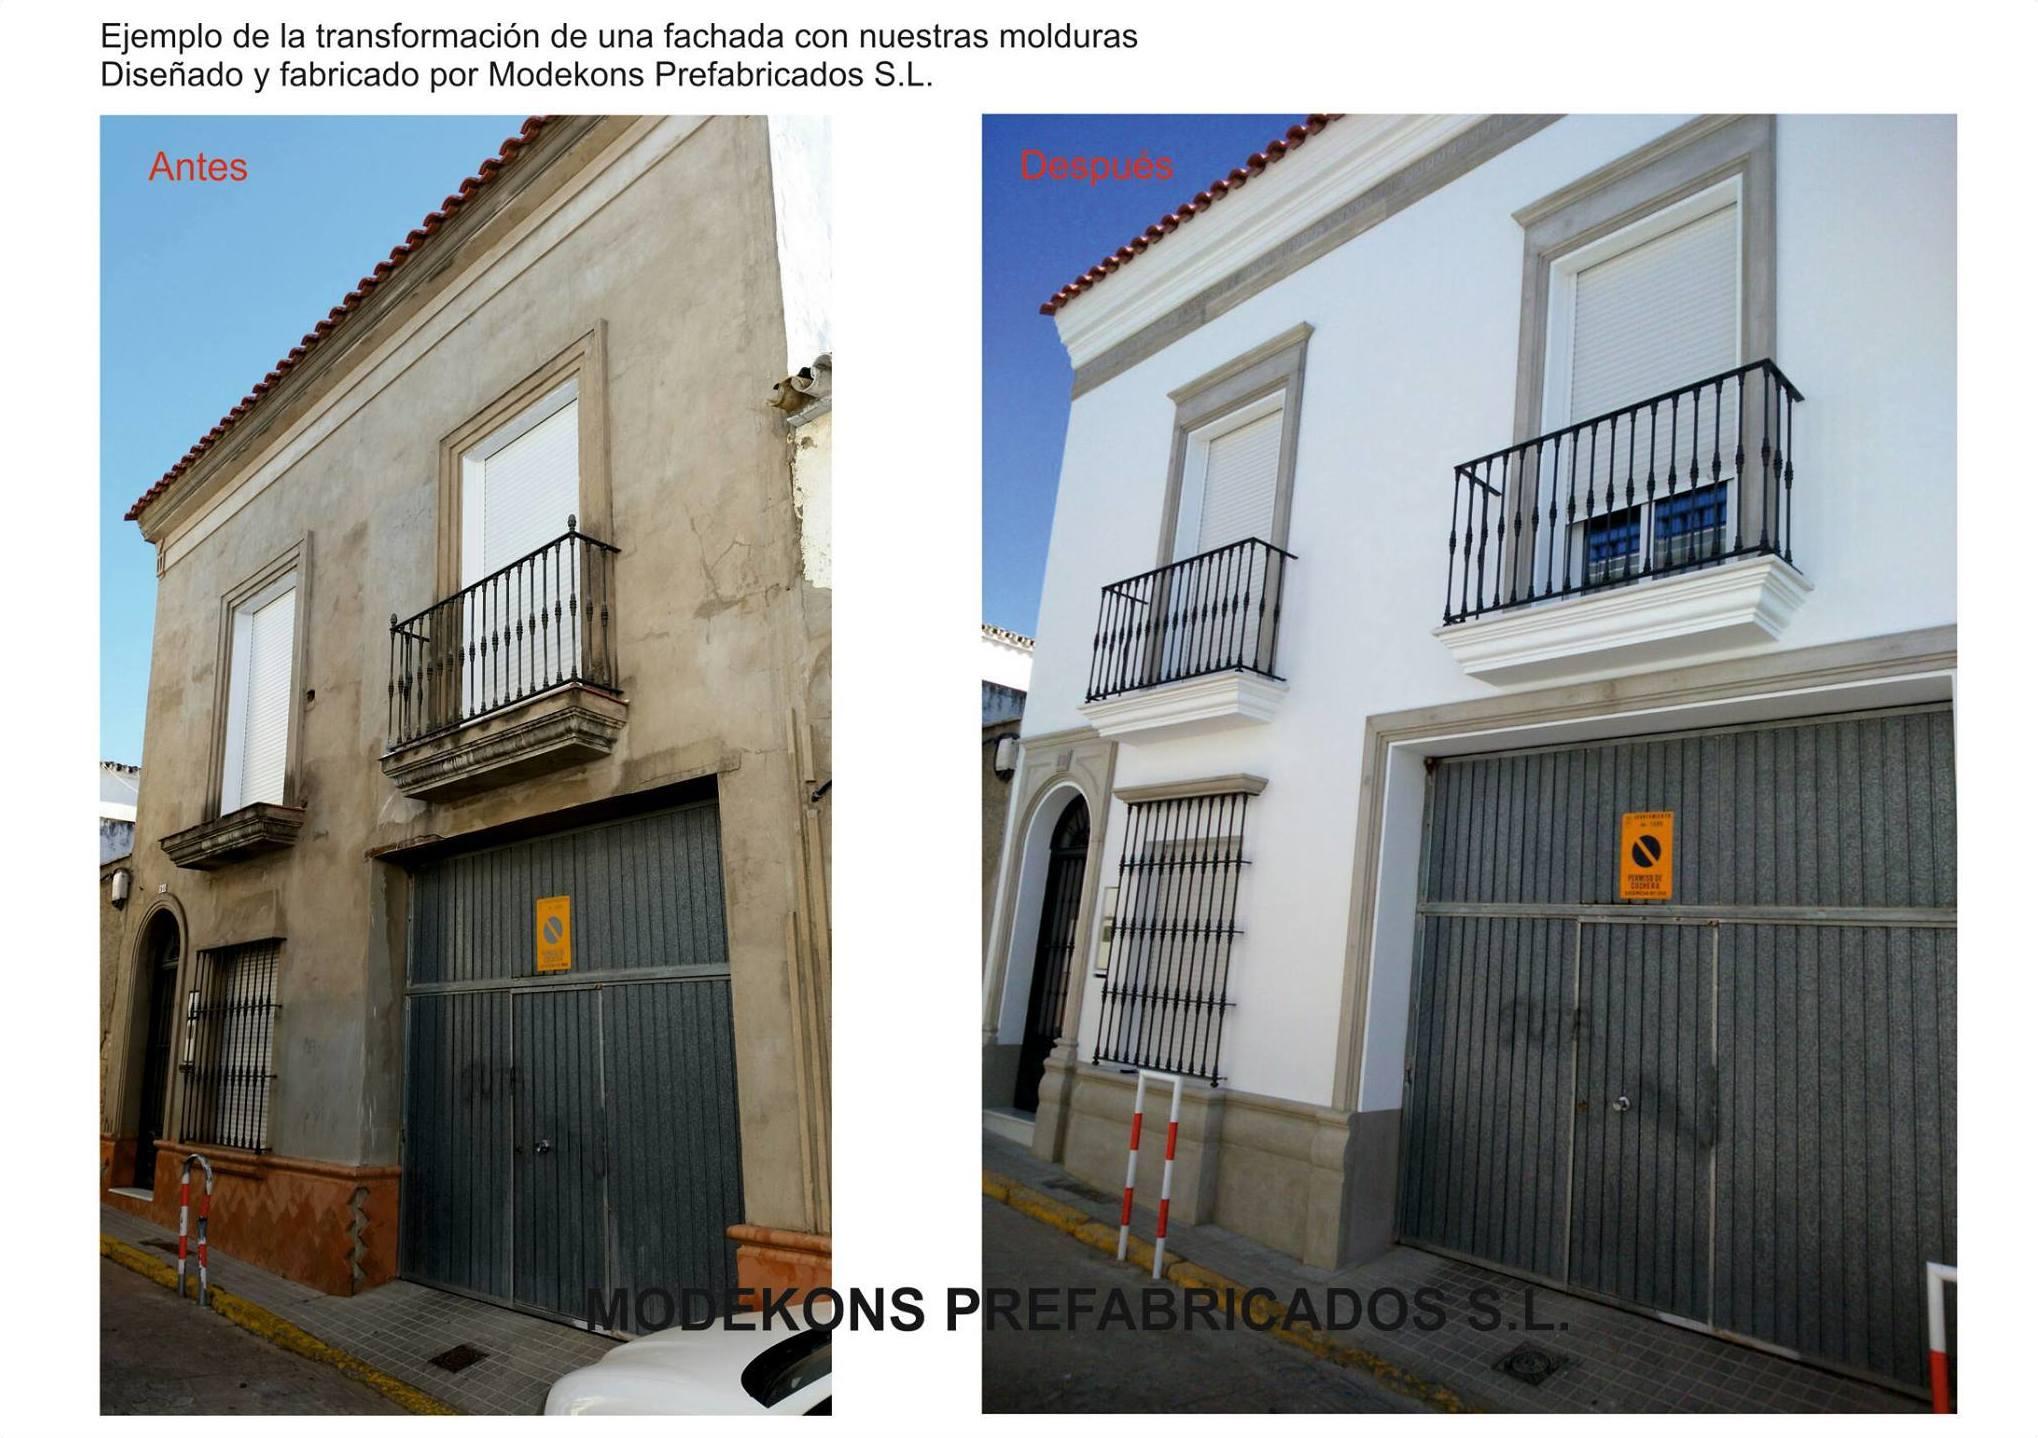 Restauración de fachadas Sevilla / Modekons Prefabricados